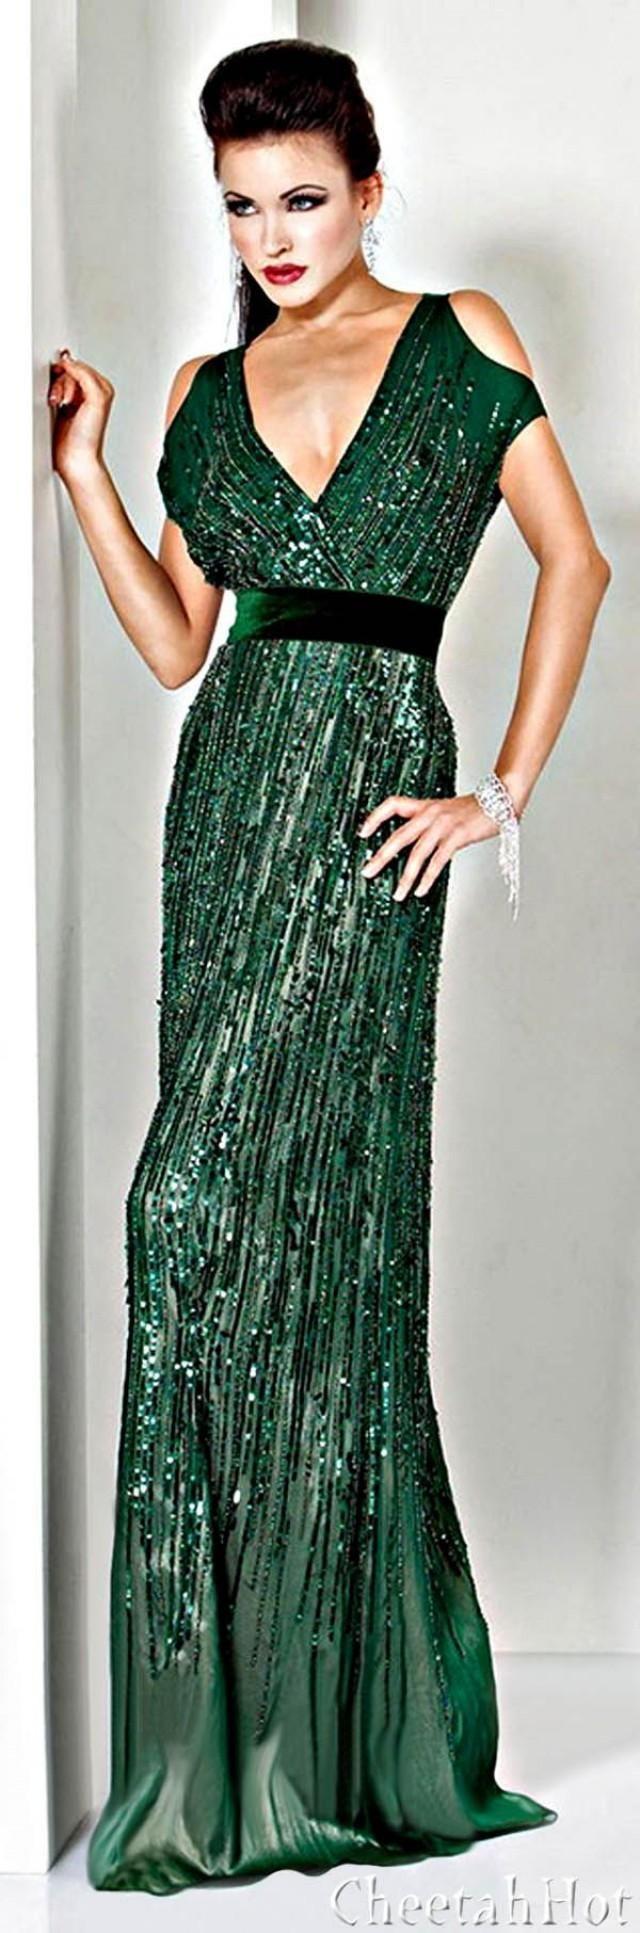 112 besten Fashion in Green and Accessories Bilder auf Pinterest ...